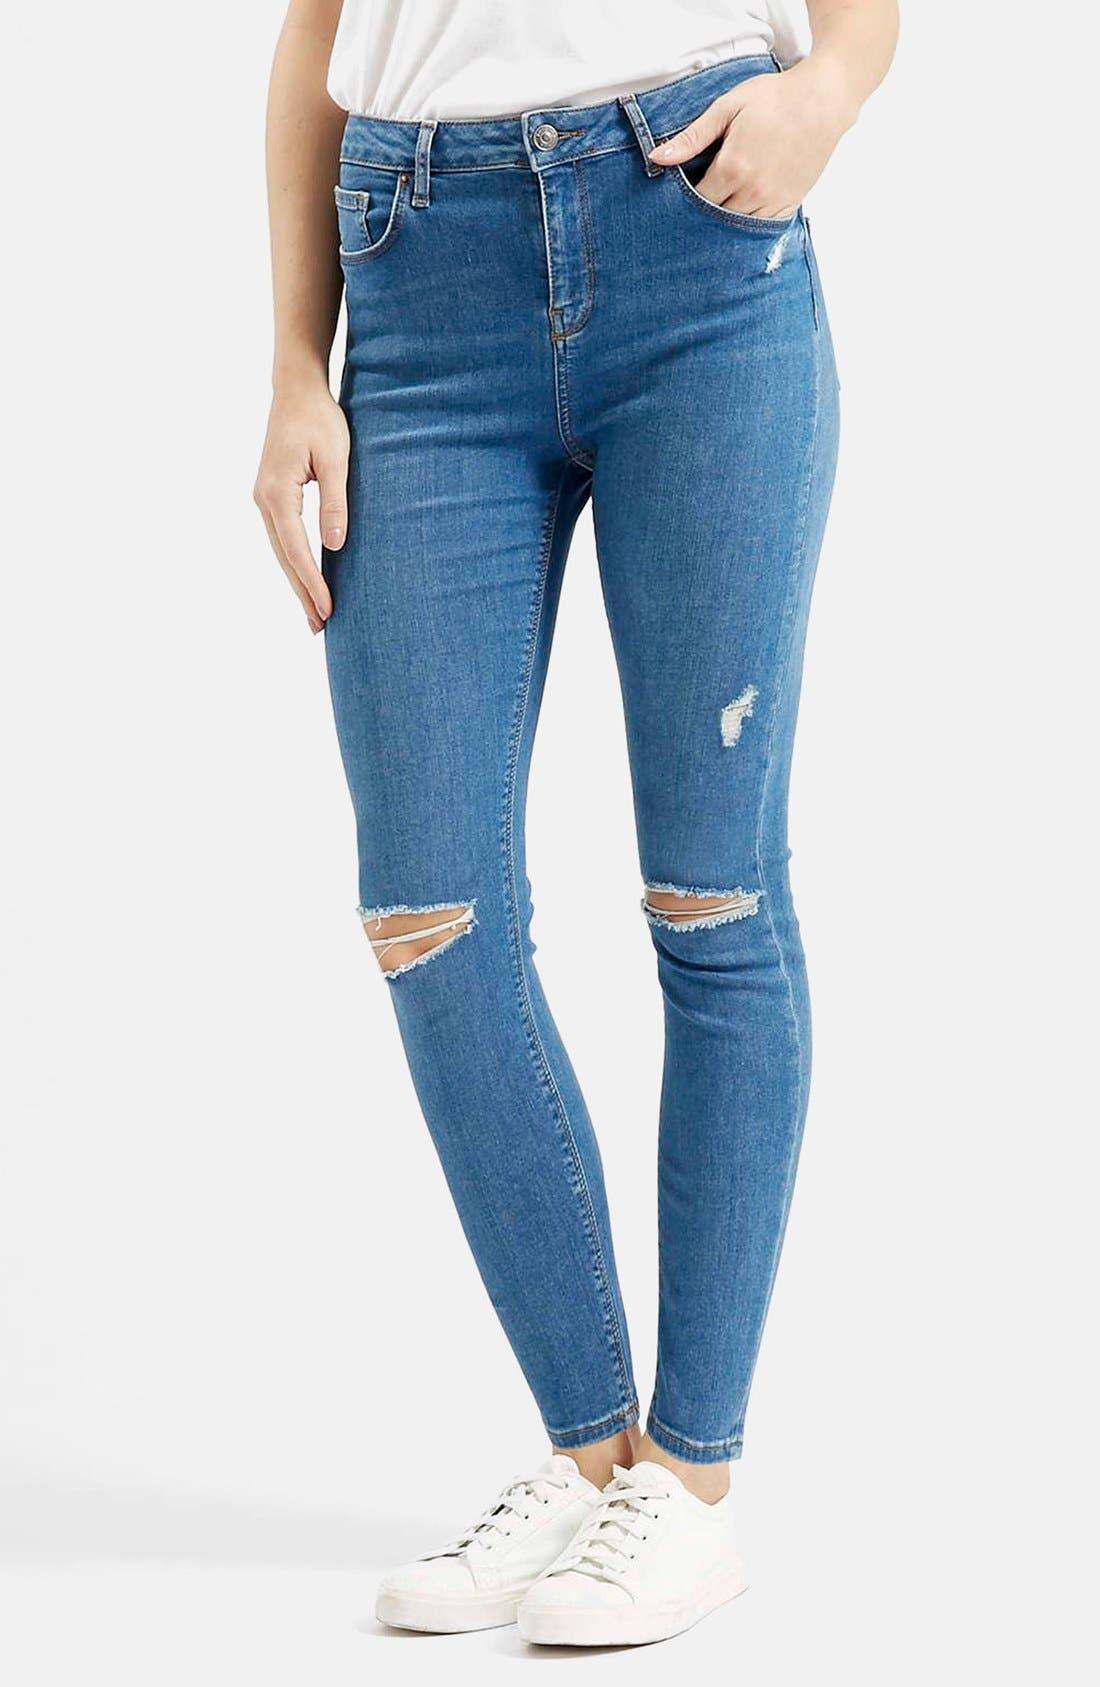 Alternate Image 1 Selected - Topshop Moto 'Jamie' High Rise Skinny Jeans (Mid Denim) (Regular & Petite)